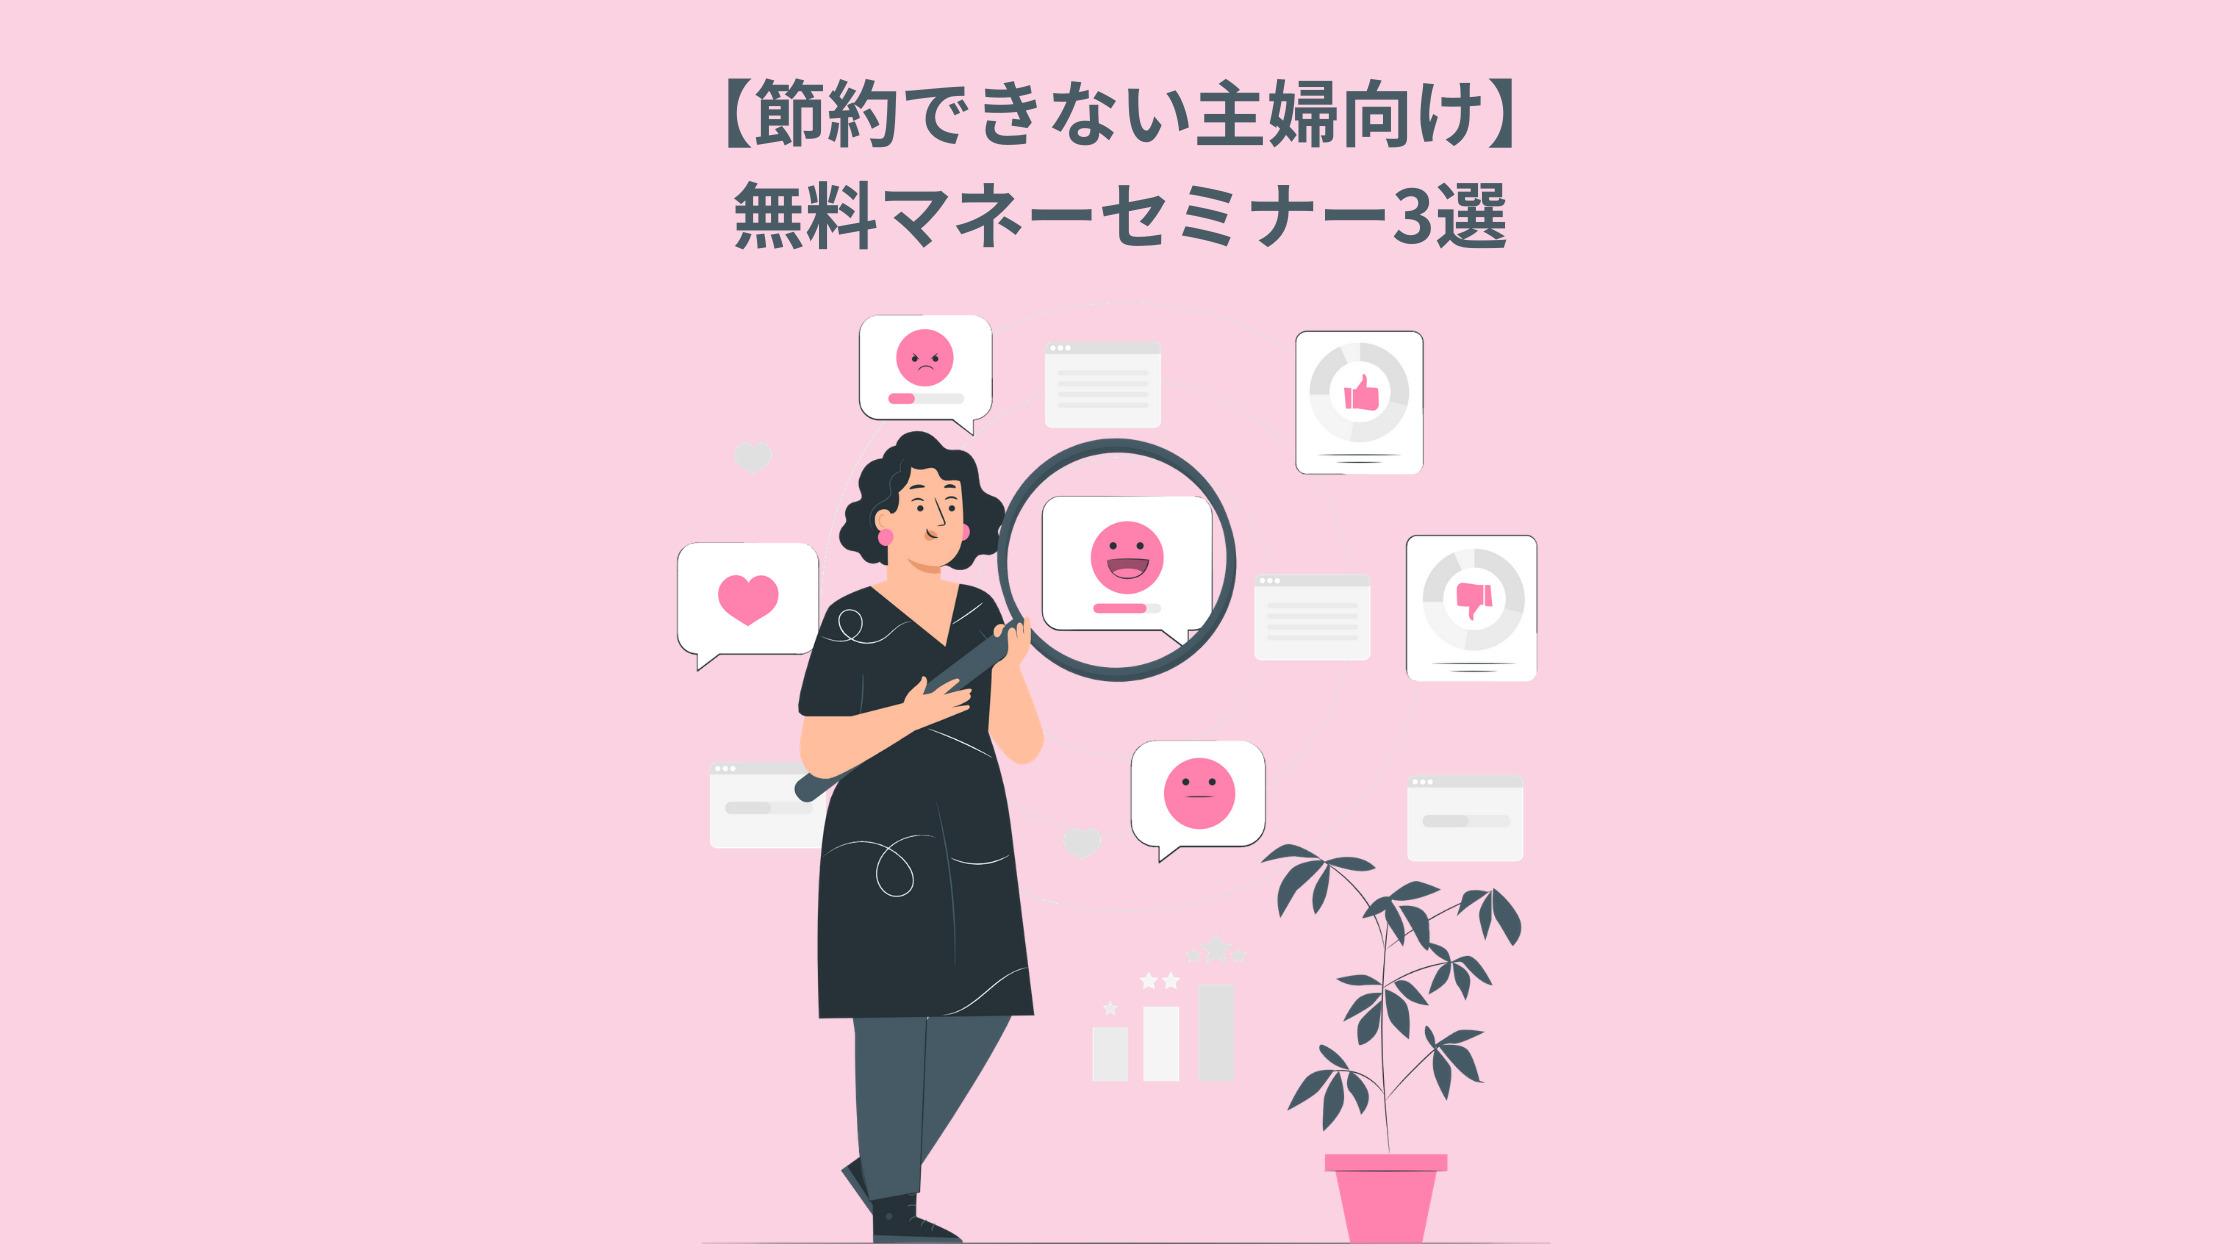 【節約できない主婦向け】 無料マネーセミナー3選